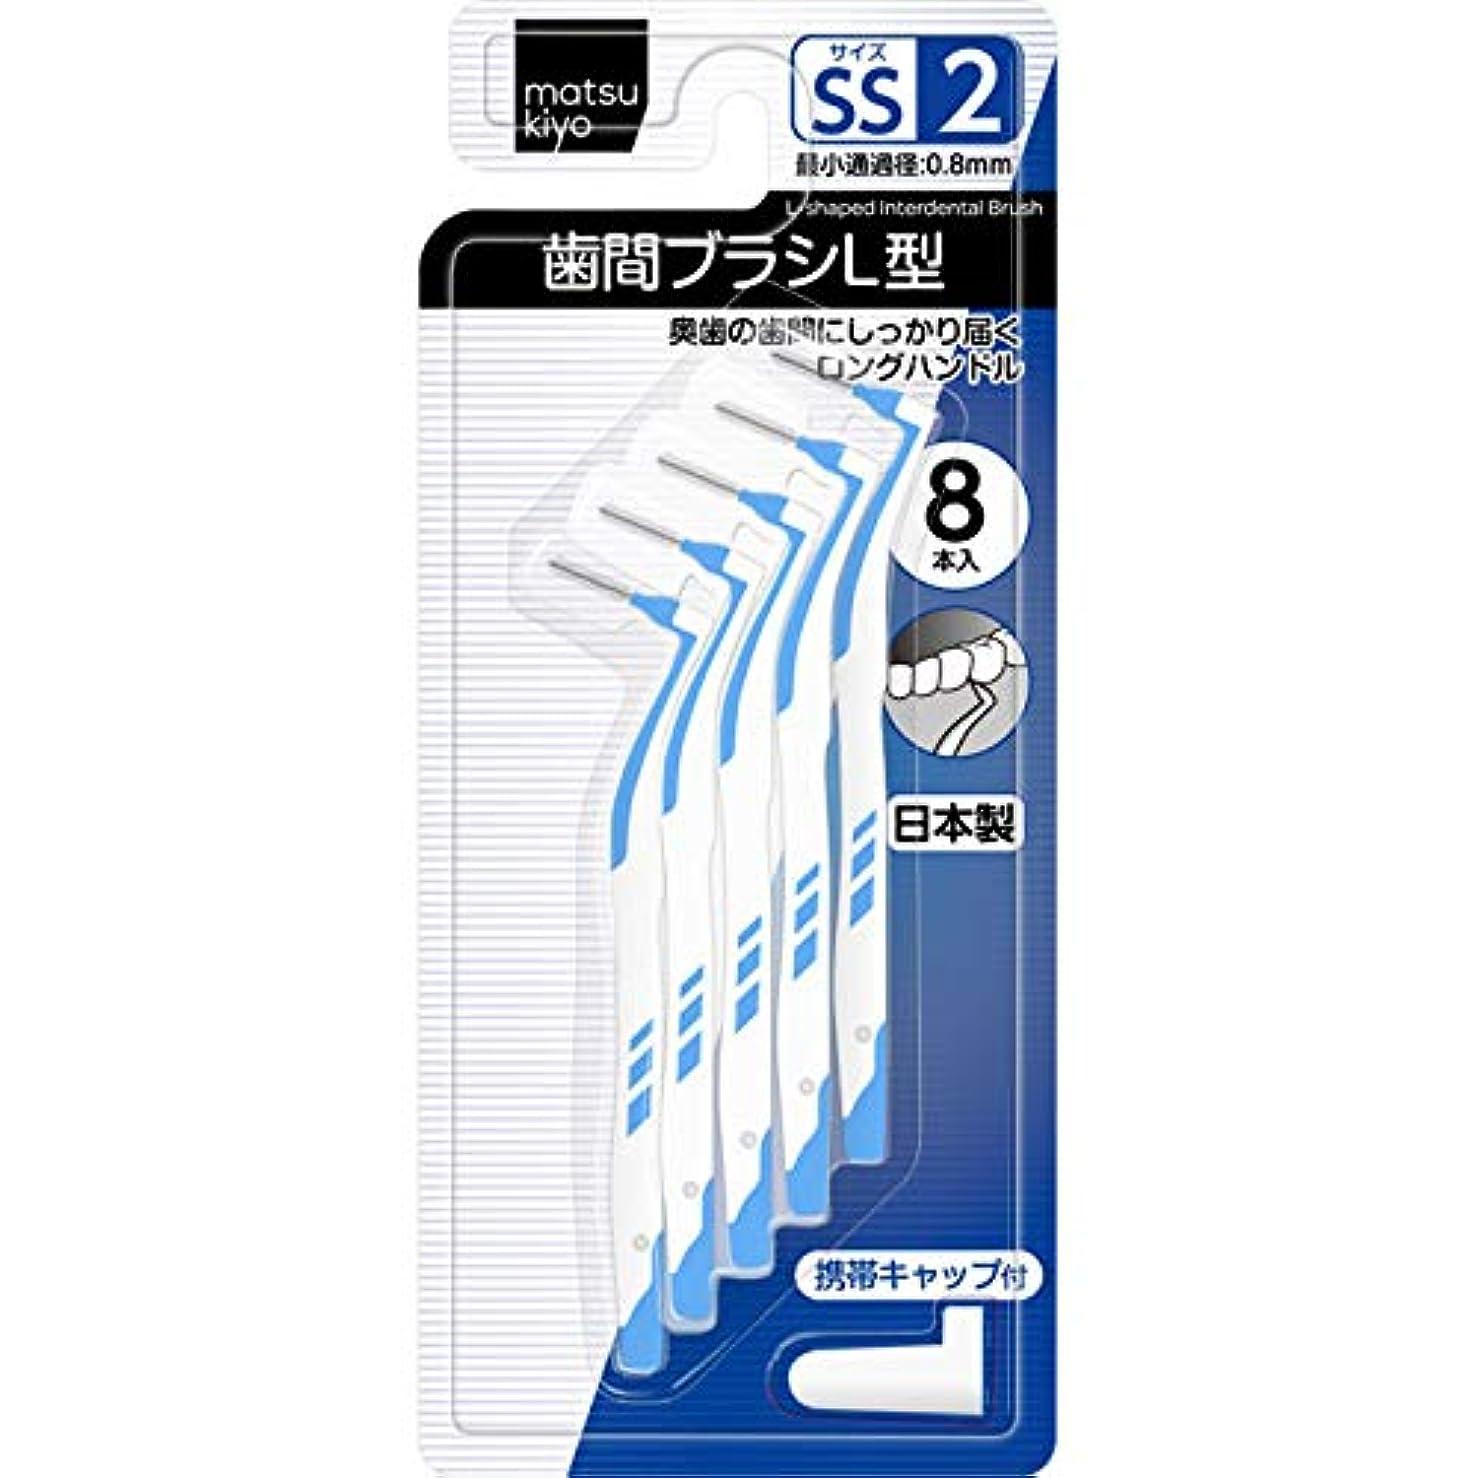 ヒゲクジラ勝者背骨matsukiyo 歯間ブラシL型 サイズ2(SS) 8本